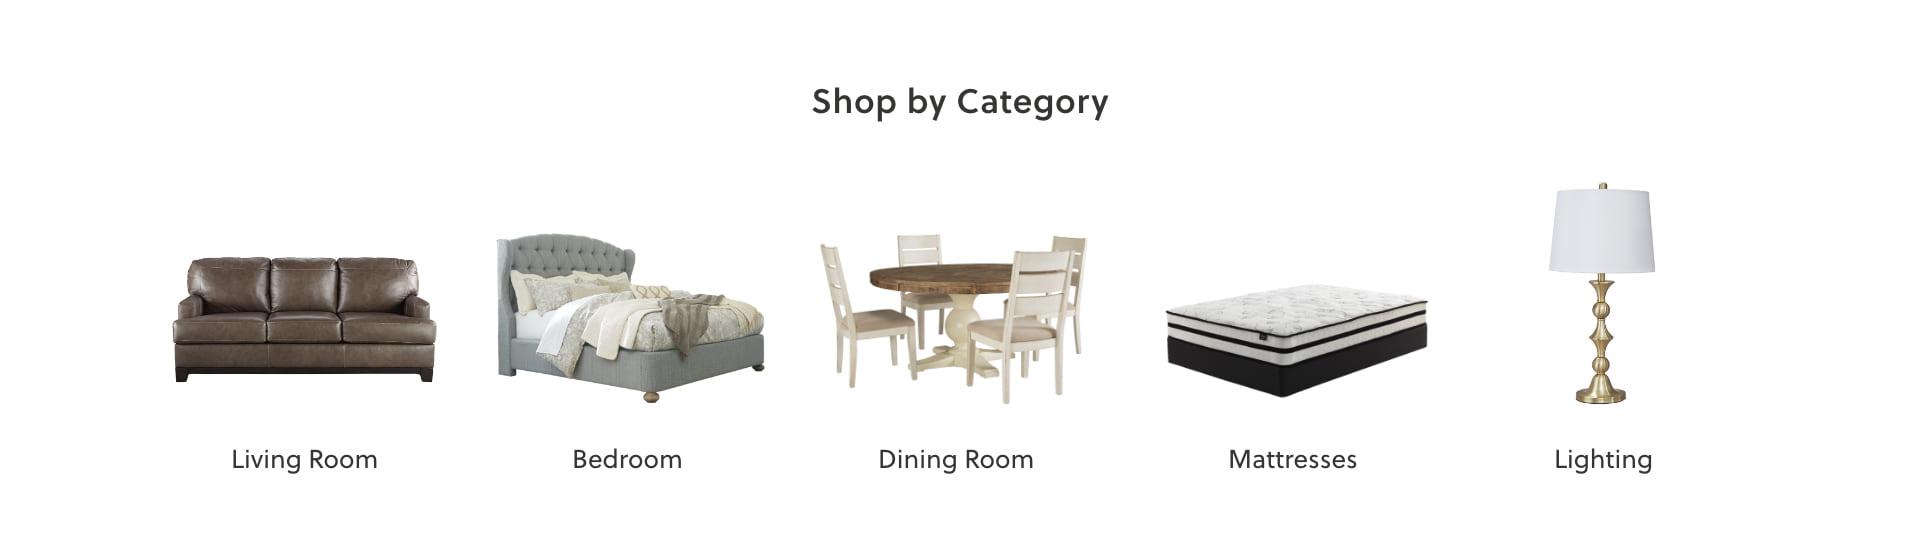 Living Room, Bedroom, Dining Room, Mattresses, Lighting